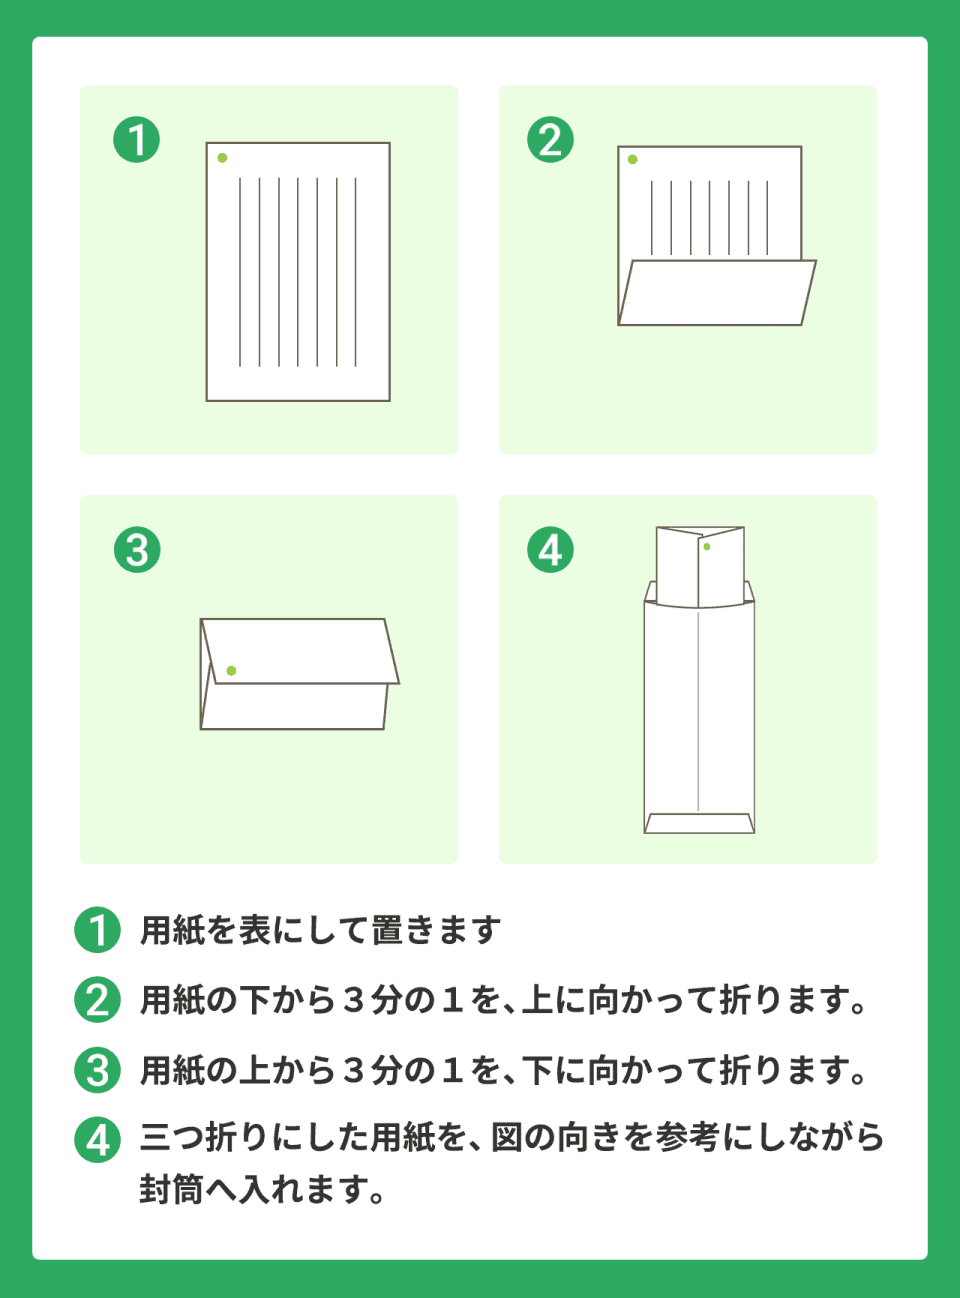 退職届のたたみ方 ①用紙を表にして置きます ②用紙の下から3分の1を、上に向かって折ります。 ③用紙の上から3分の1を、下に向かって折ります。 ④三つ折りにした用紙を、  図の向きを参考にしながら封筒へ入れます。